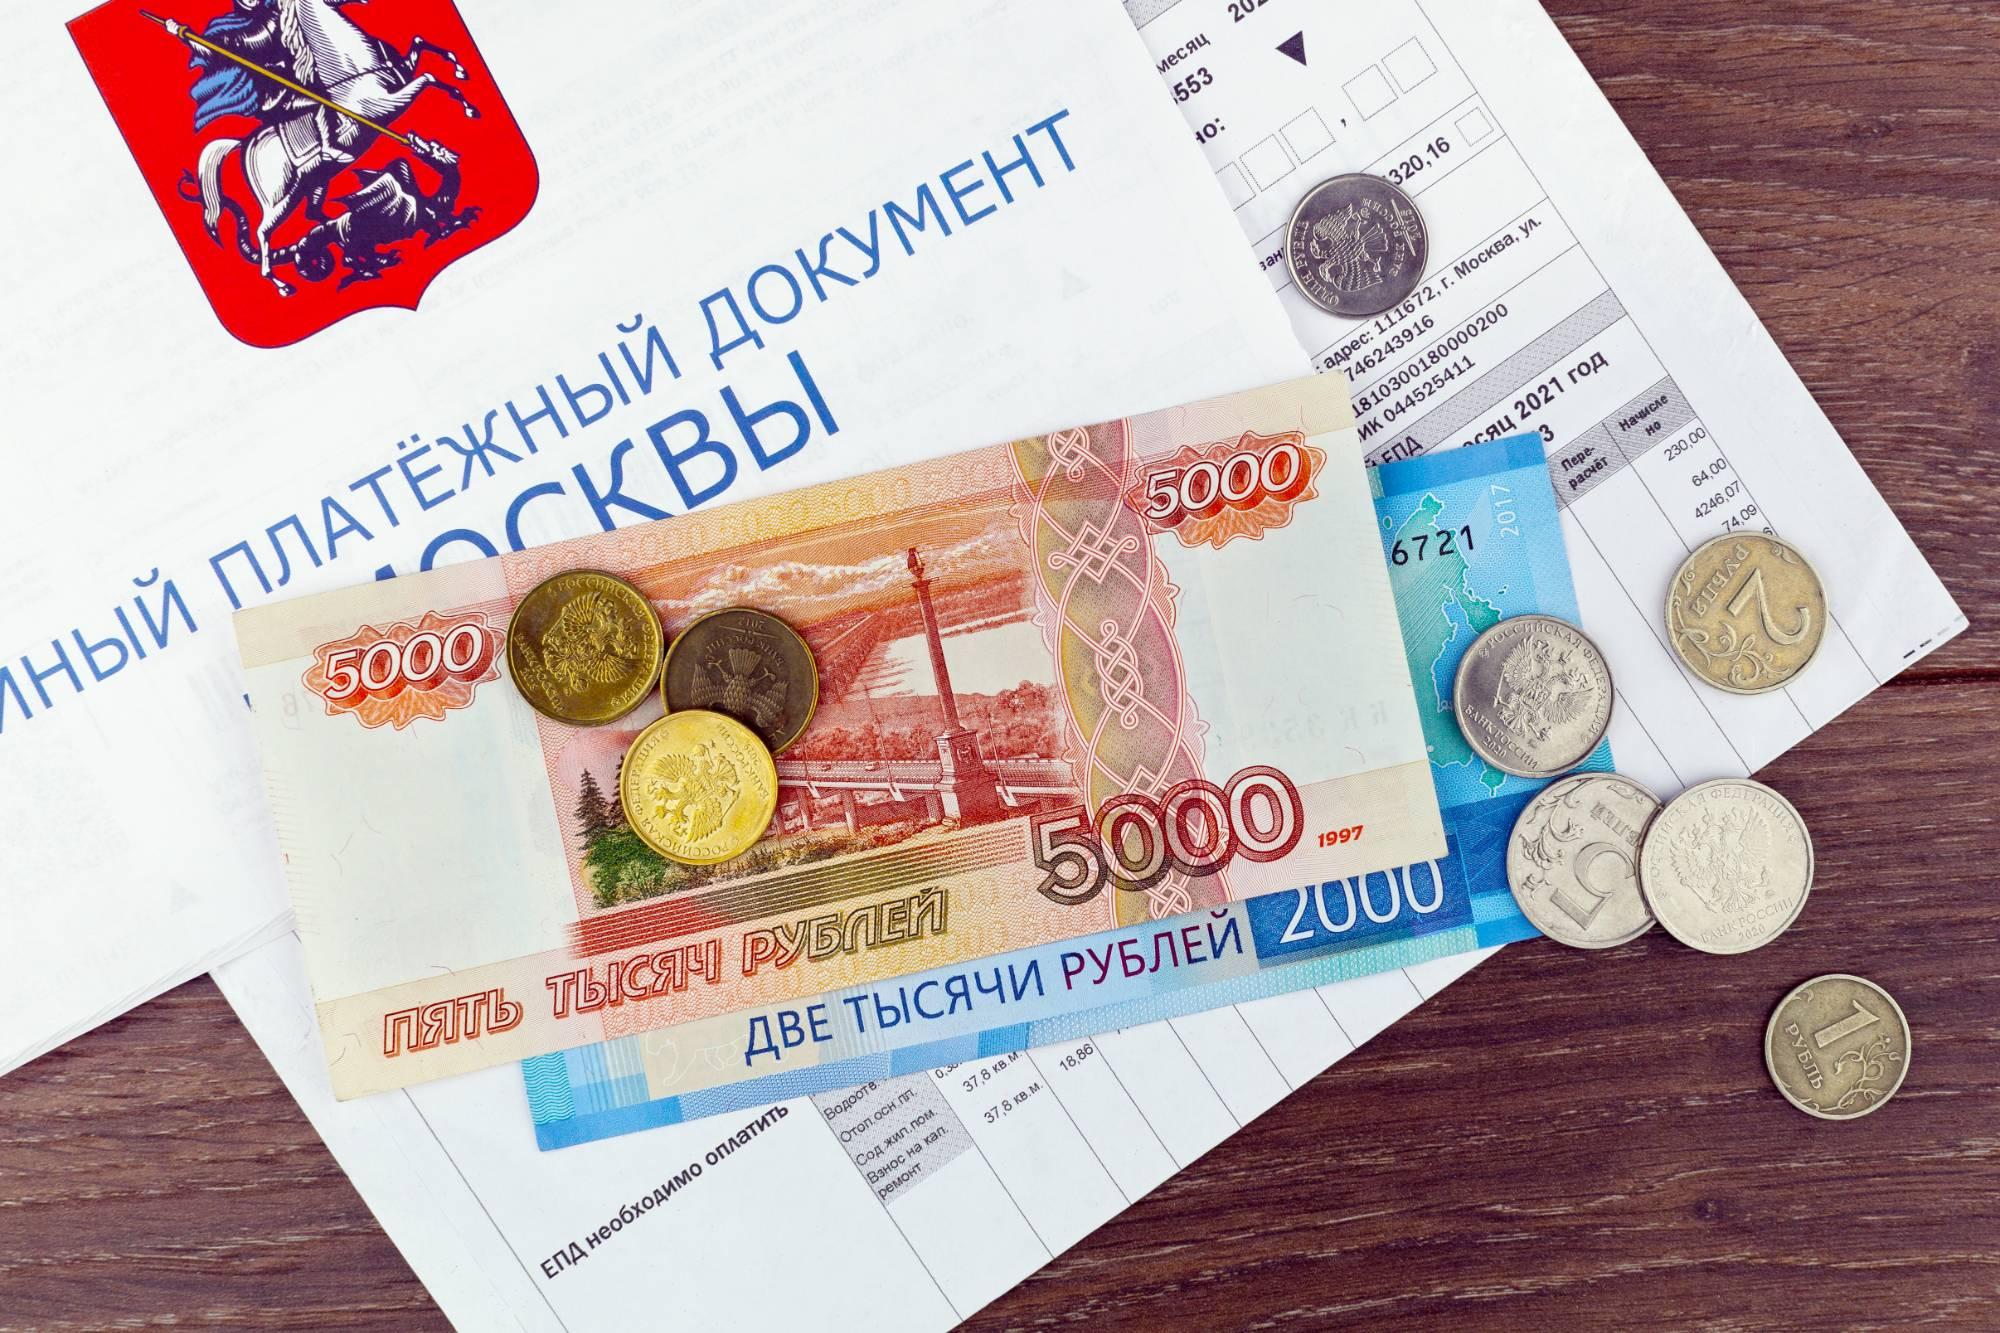 С 1 июля изменятся тарифы ЖКХ и порядок получения льгот: К чему нужно приготовиться жильцам